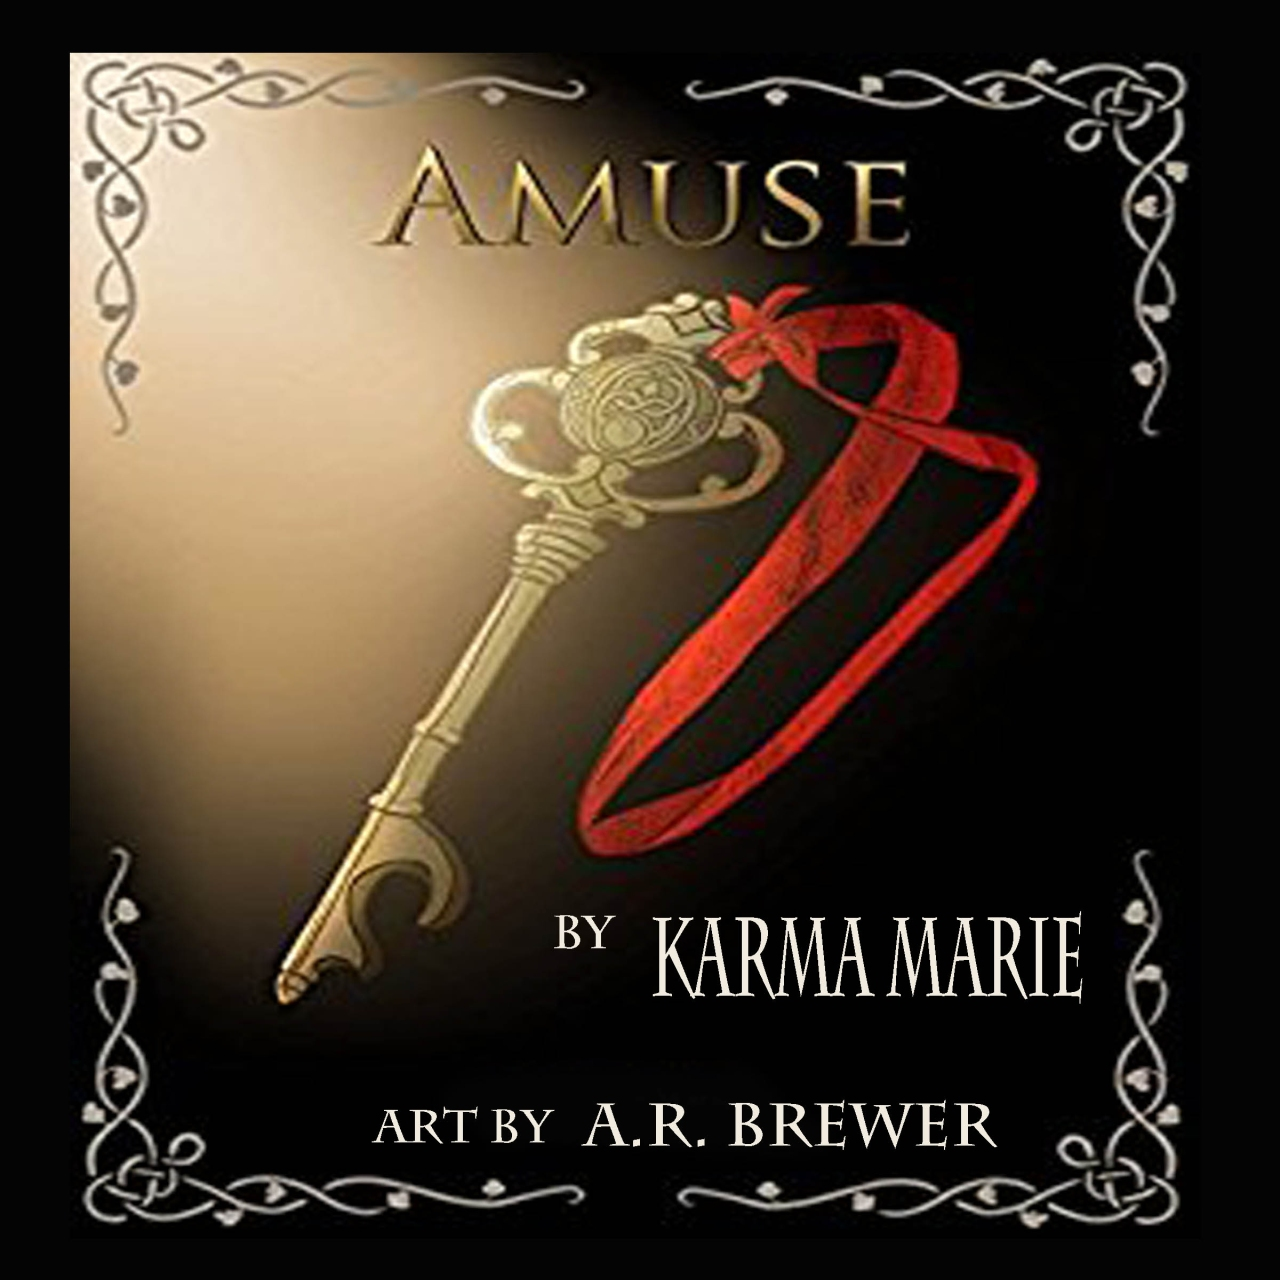 aMUSE AUDIO COVER2